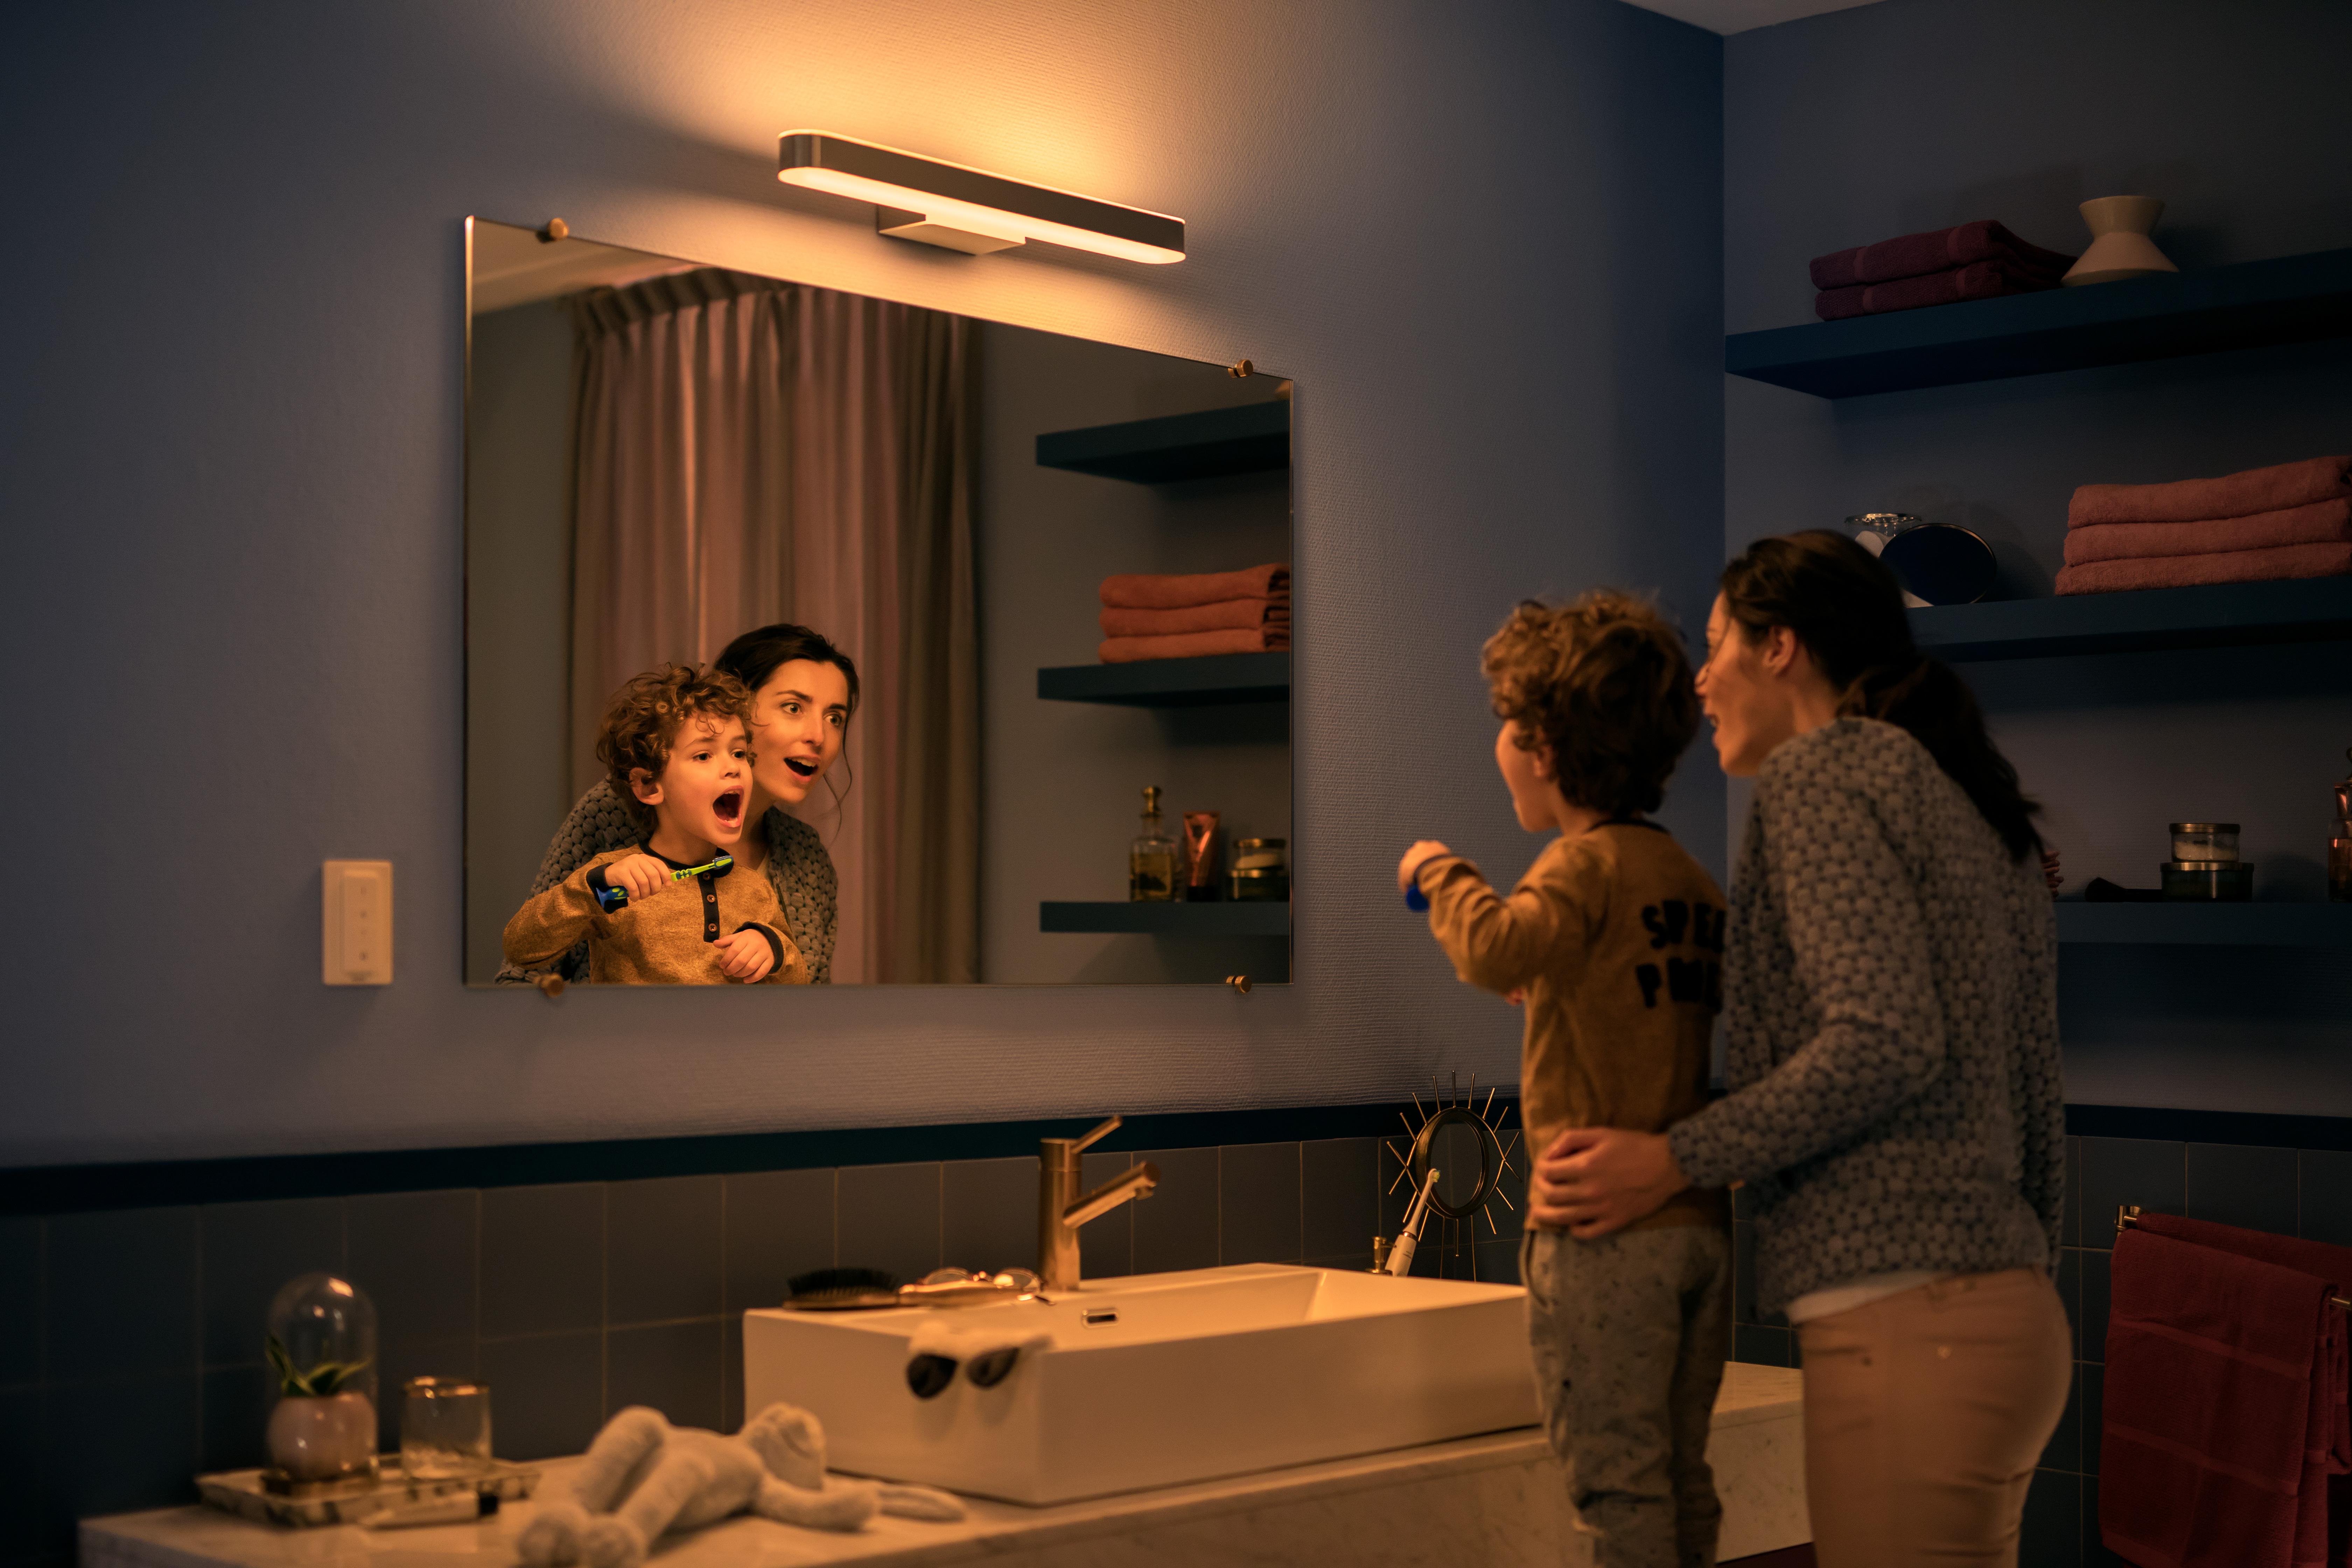 Miroir Mon Beau Miroir Qui Est Le Plus Intelligent C